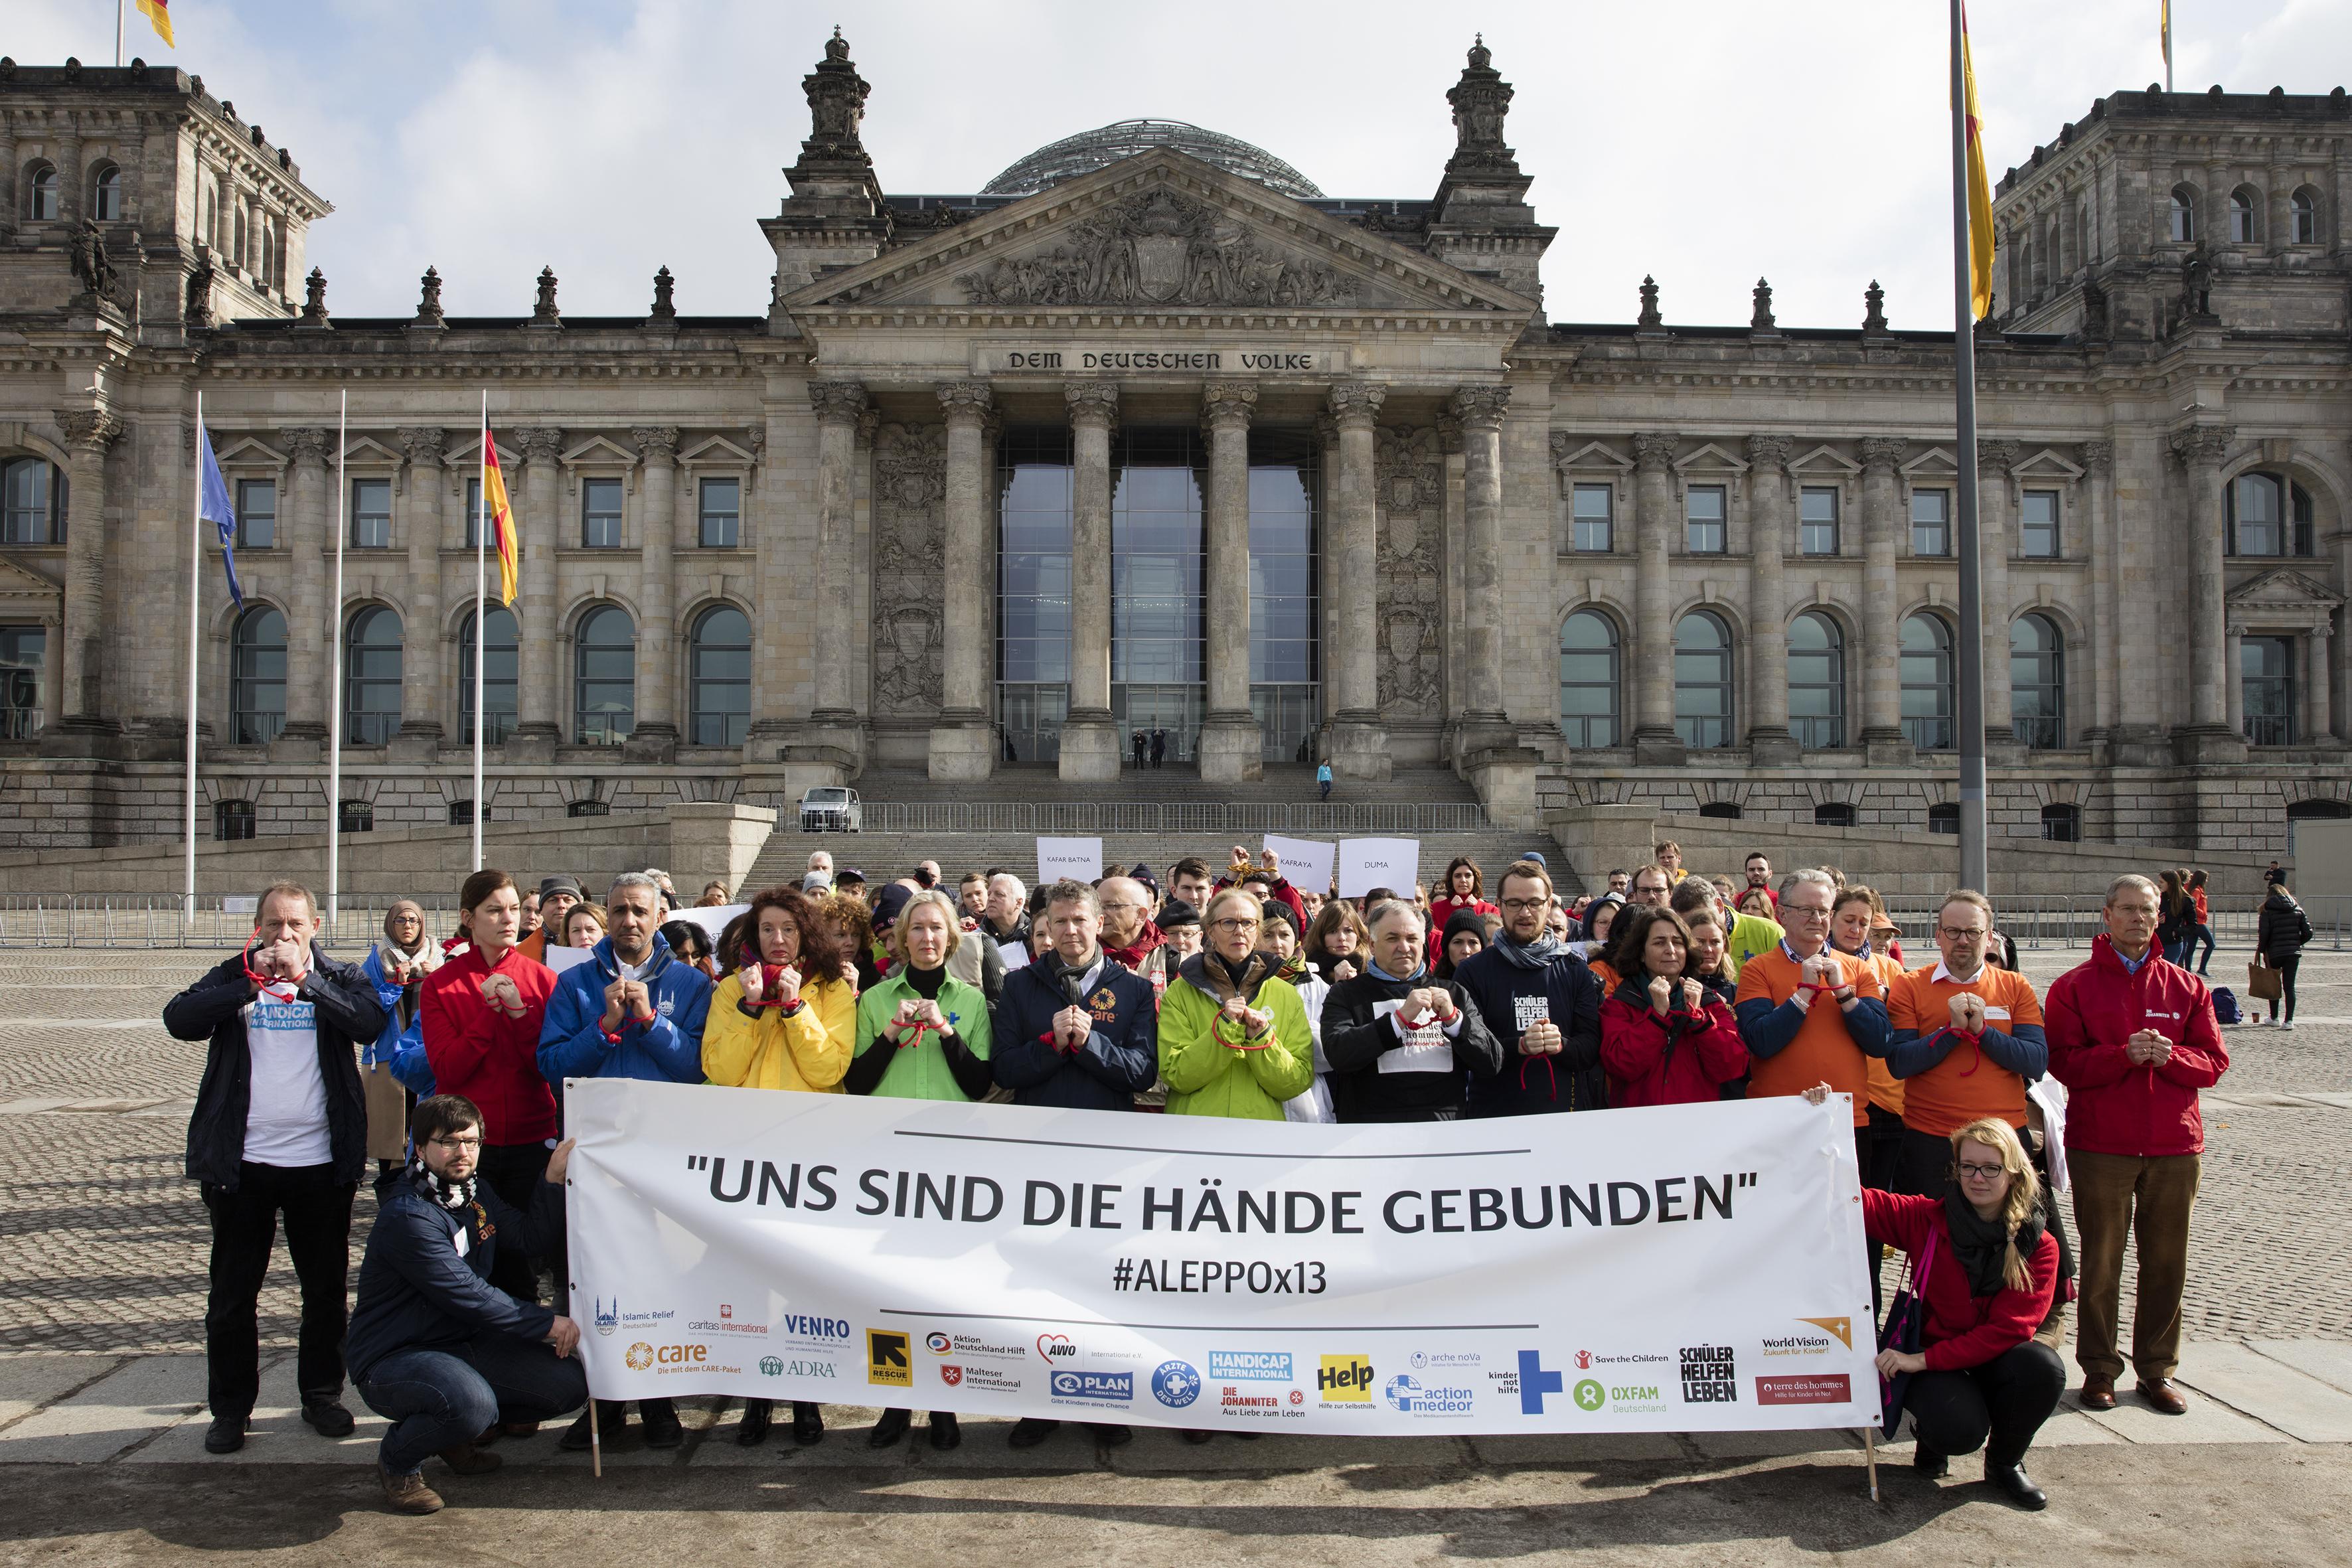 Vertreter von deutschen Hilfswerken stehen mit gebundenen Händen vor dem Bundestag in Berlin. (Quelle: Mike Auerbach)